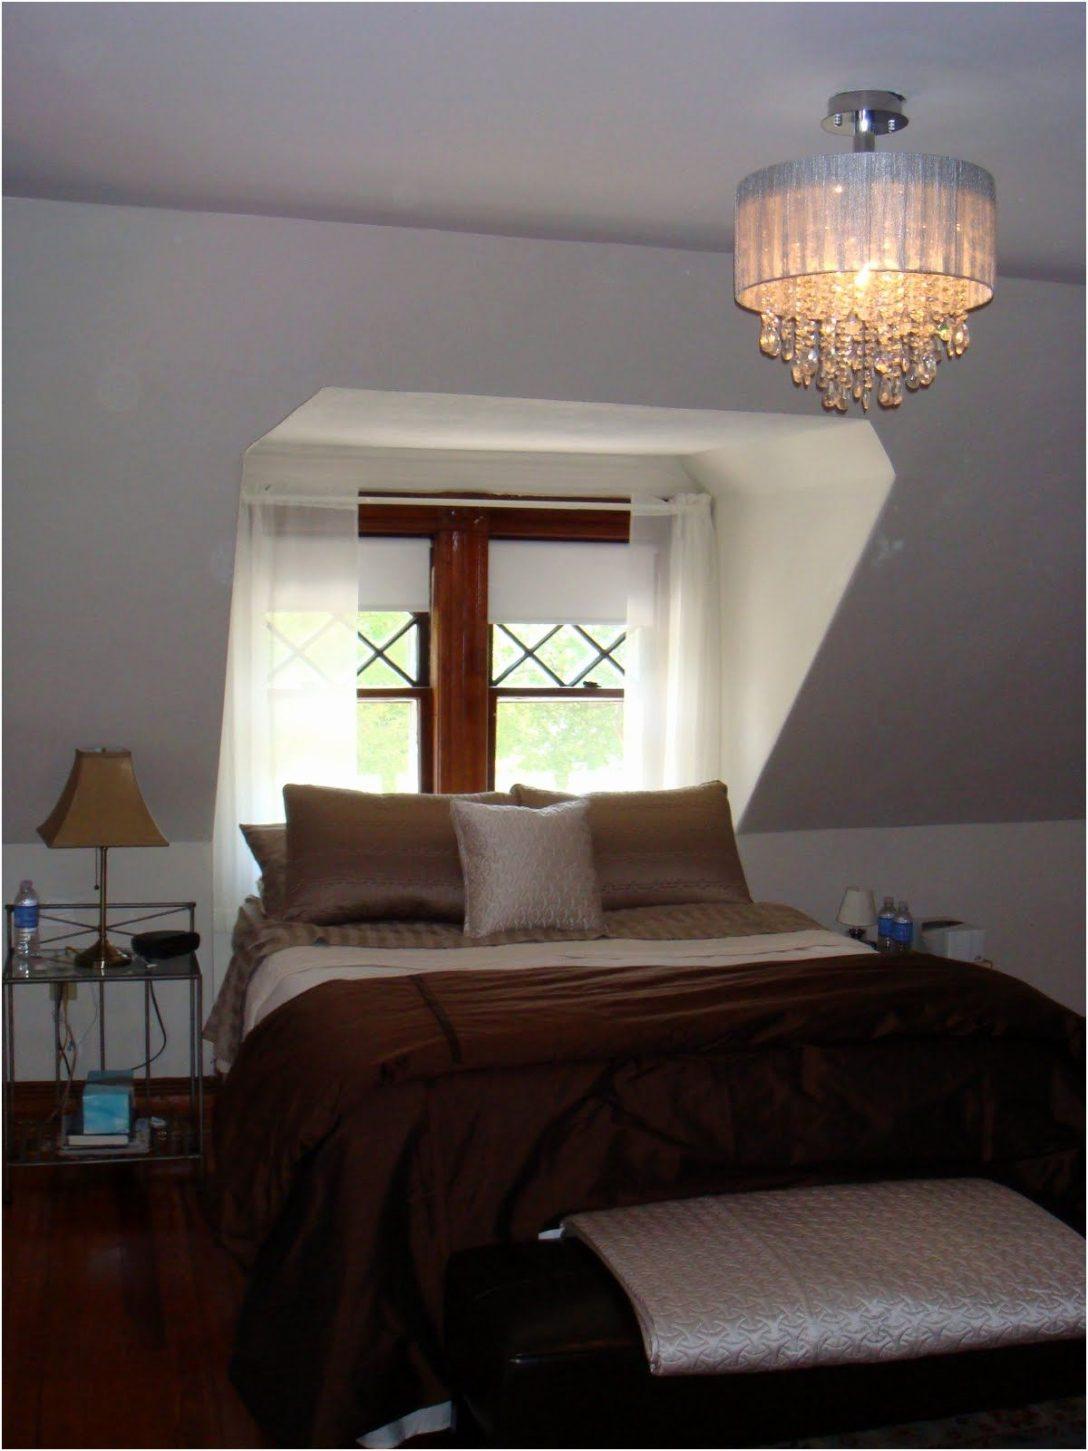 Large Size of Schlafzimmer Wandlampe Wandleuchte Dimmbar Modern Mit Schalter Tapeten Kommode Gardinen Für Lampe Günstig Deckenleuchte Teppich Vorhänge Landhausstil Weiß Schlafzimmer Schlafzimmer Wandlampe